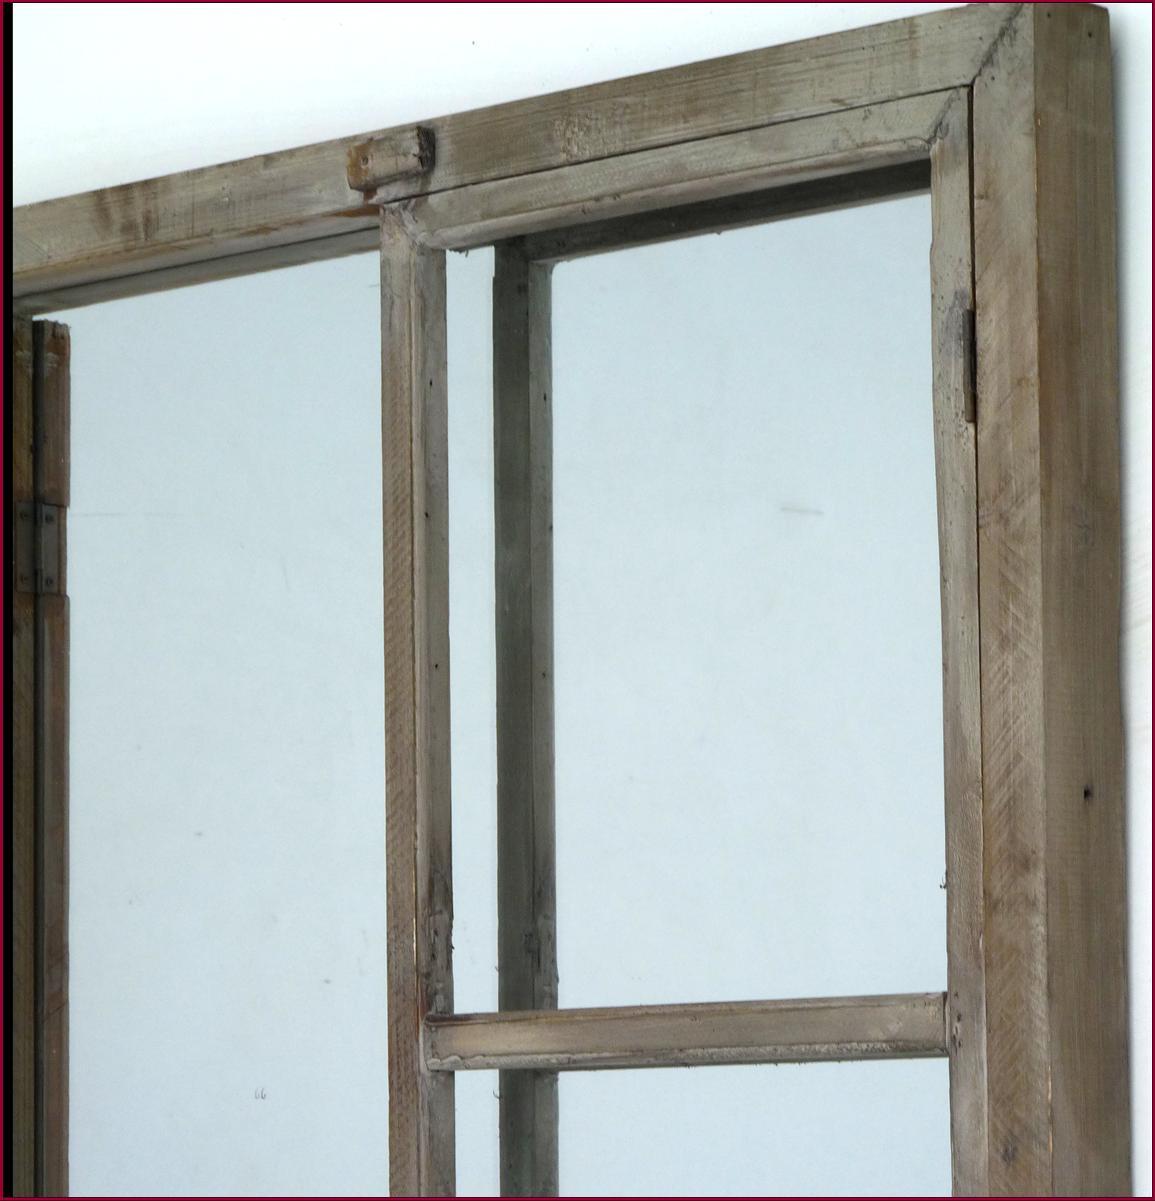 Grand miroir fenetre a volet en vieux bois style ancien ebay for Grand miroir fenetre